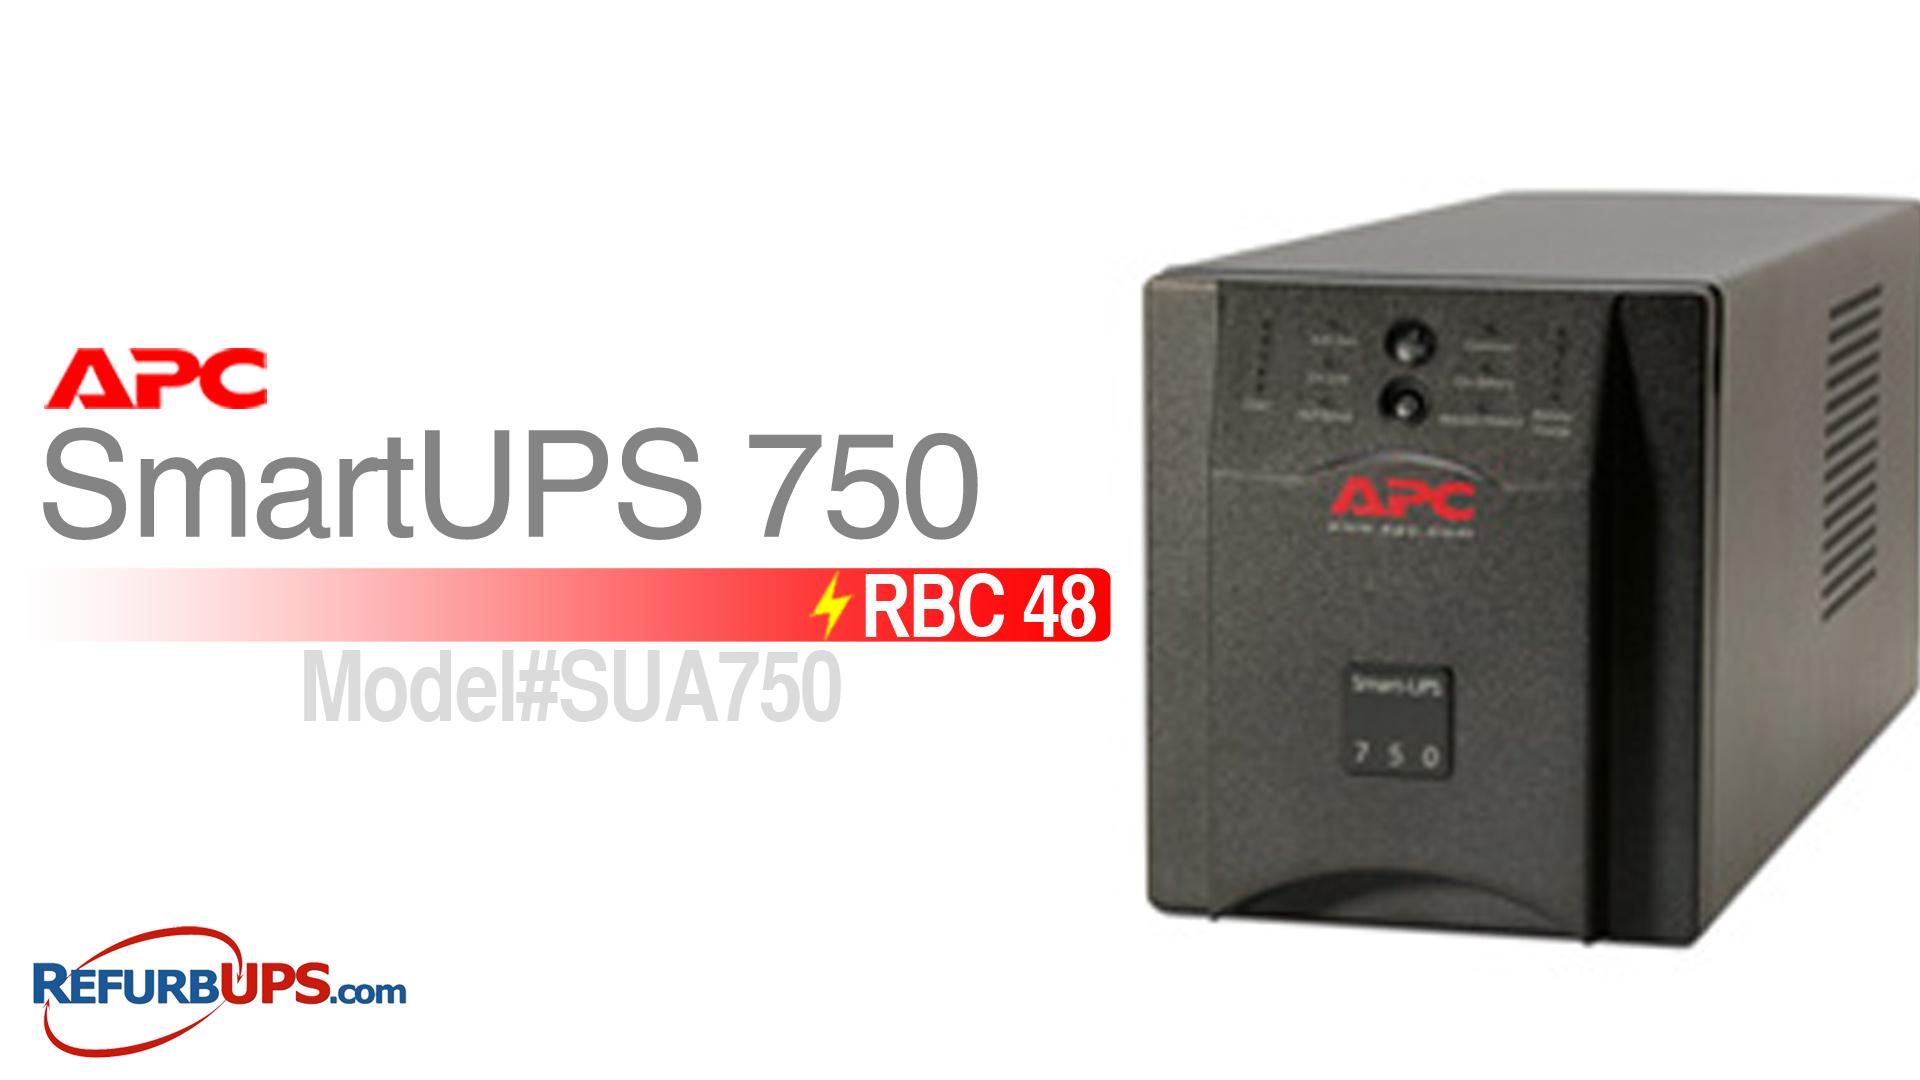 APC RBC 48 in APC SmartUPS 750